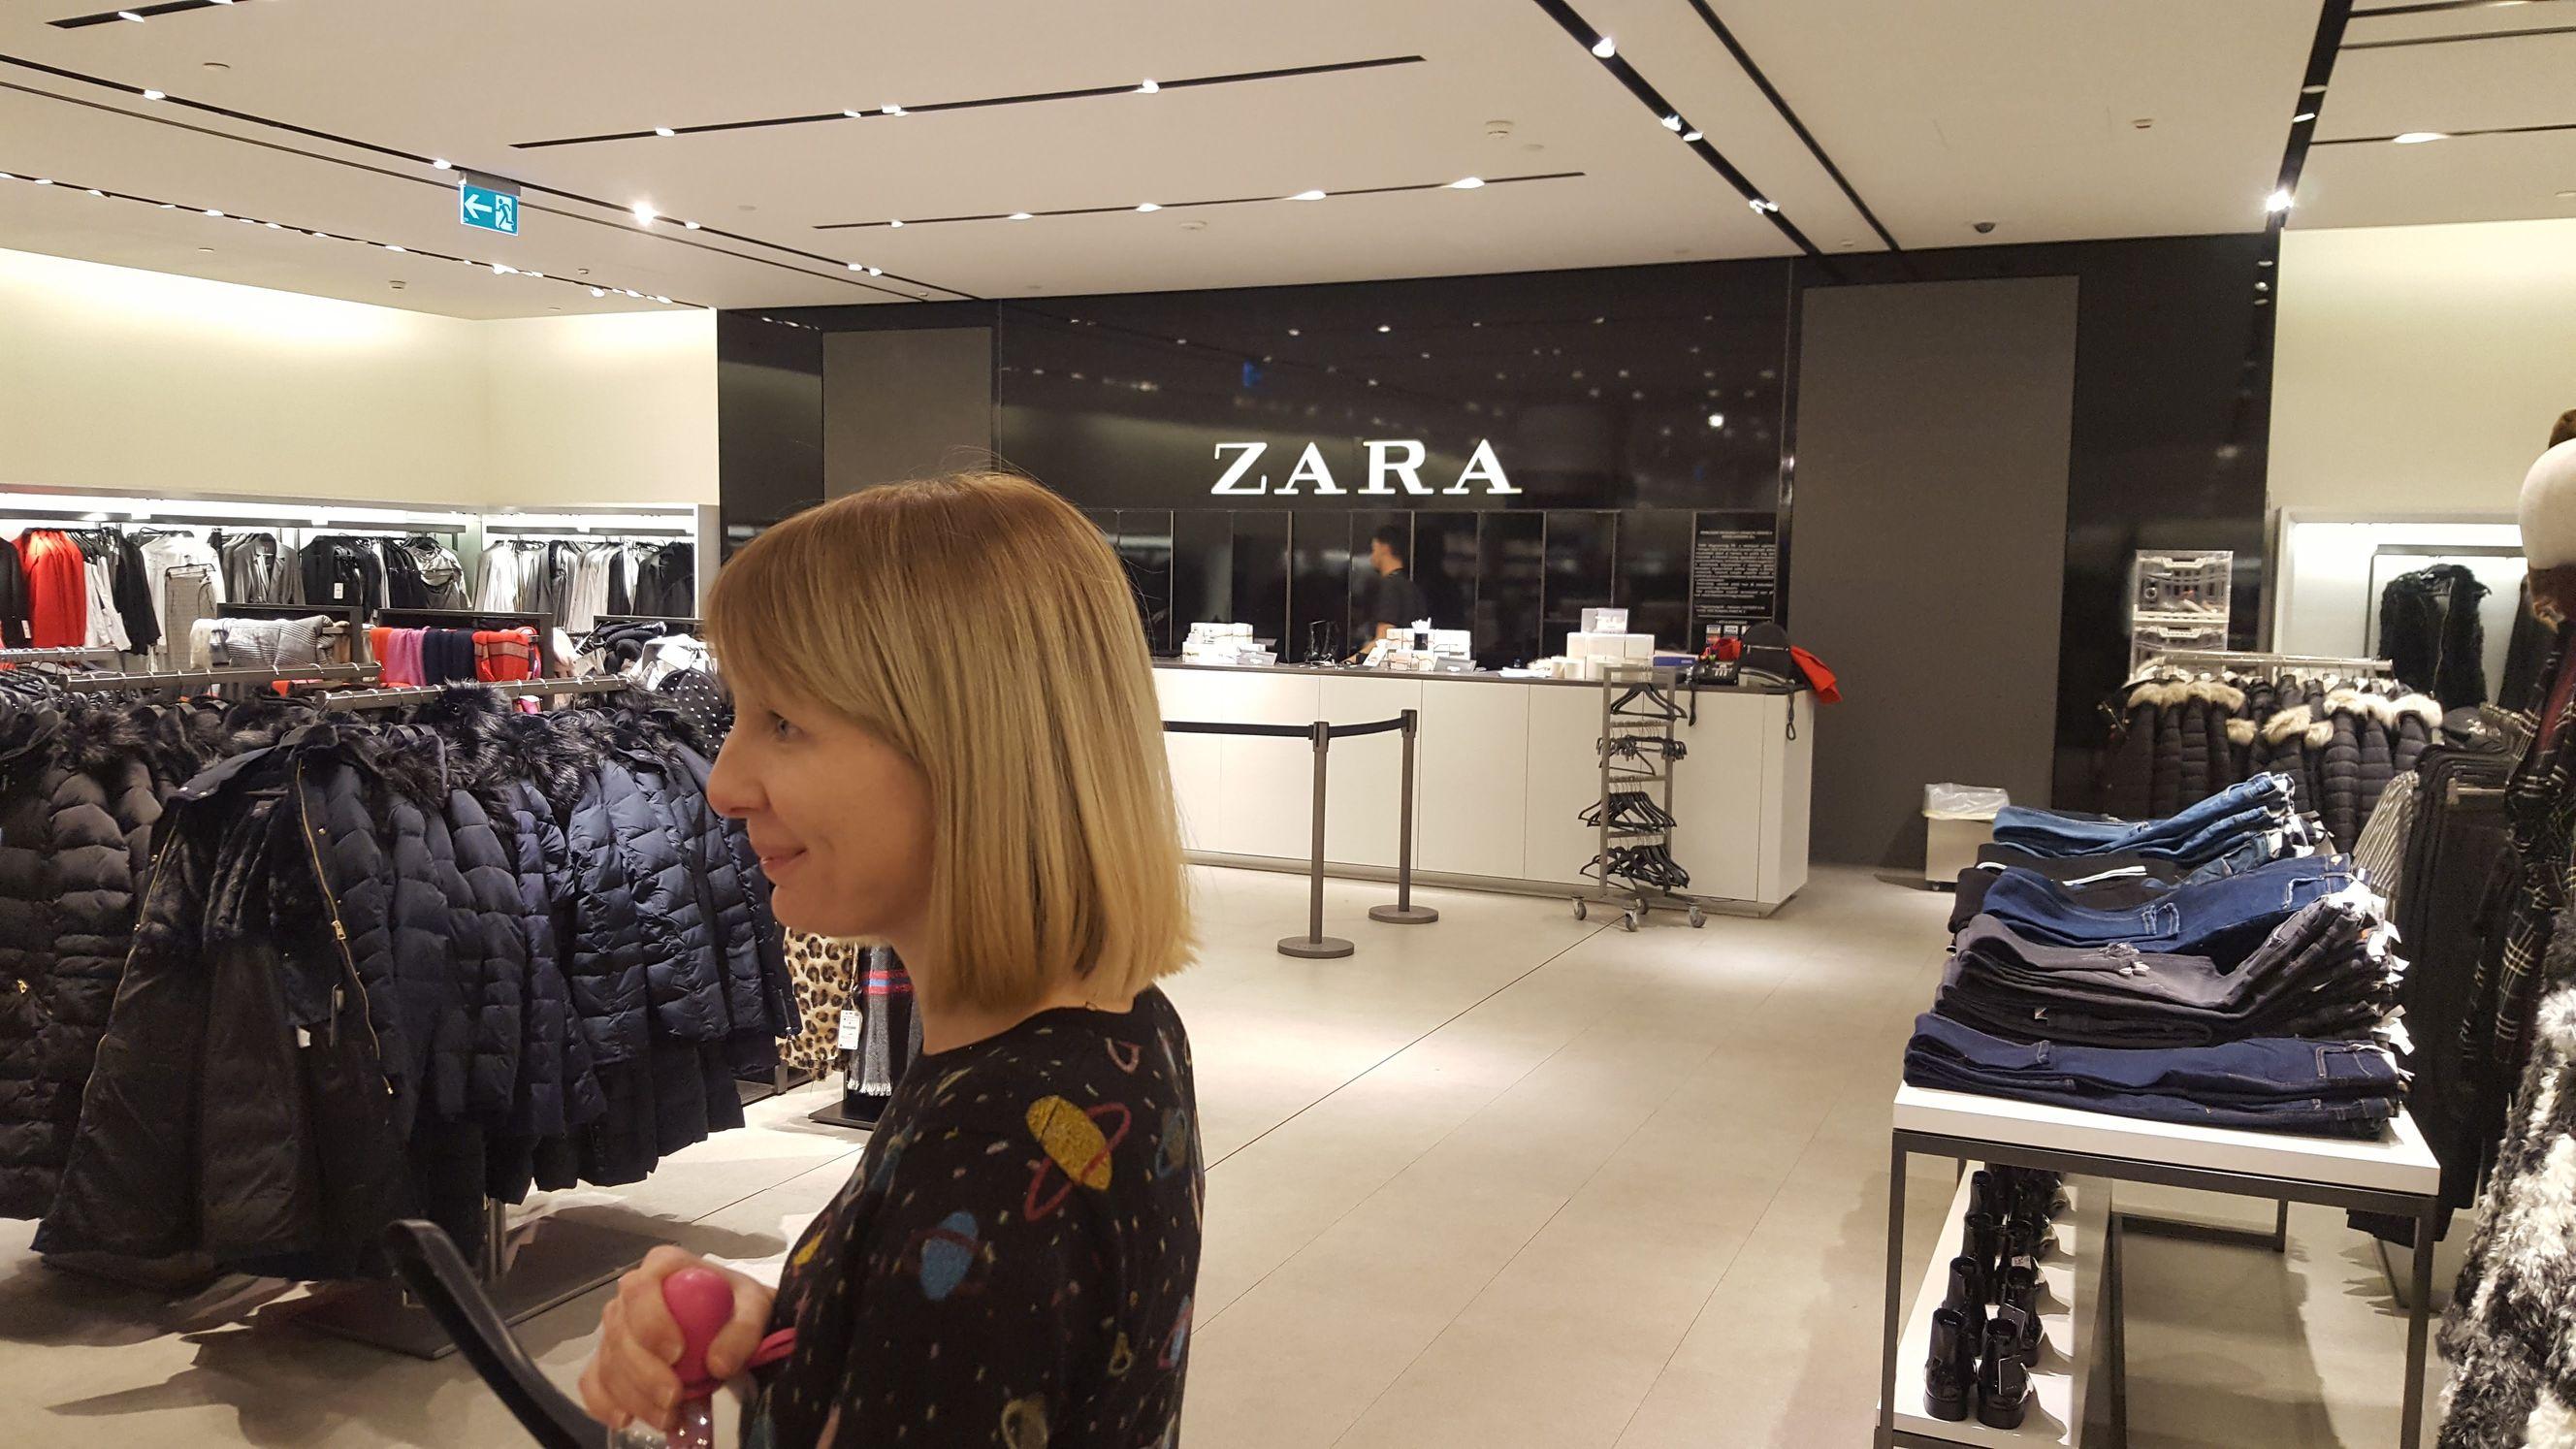 Divatmenedzsment Műhely – Látogatás az Inditex zászlóshajójánál a Zara  Westend üzletében cbf4ffea38